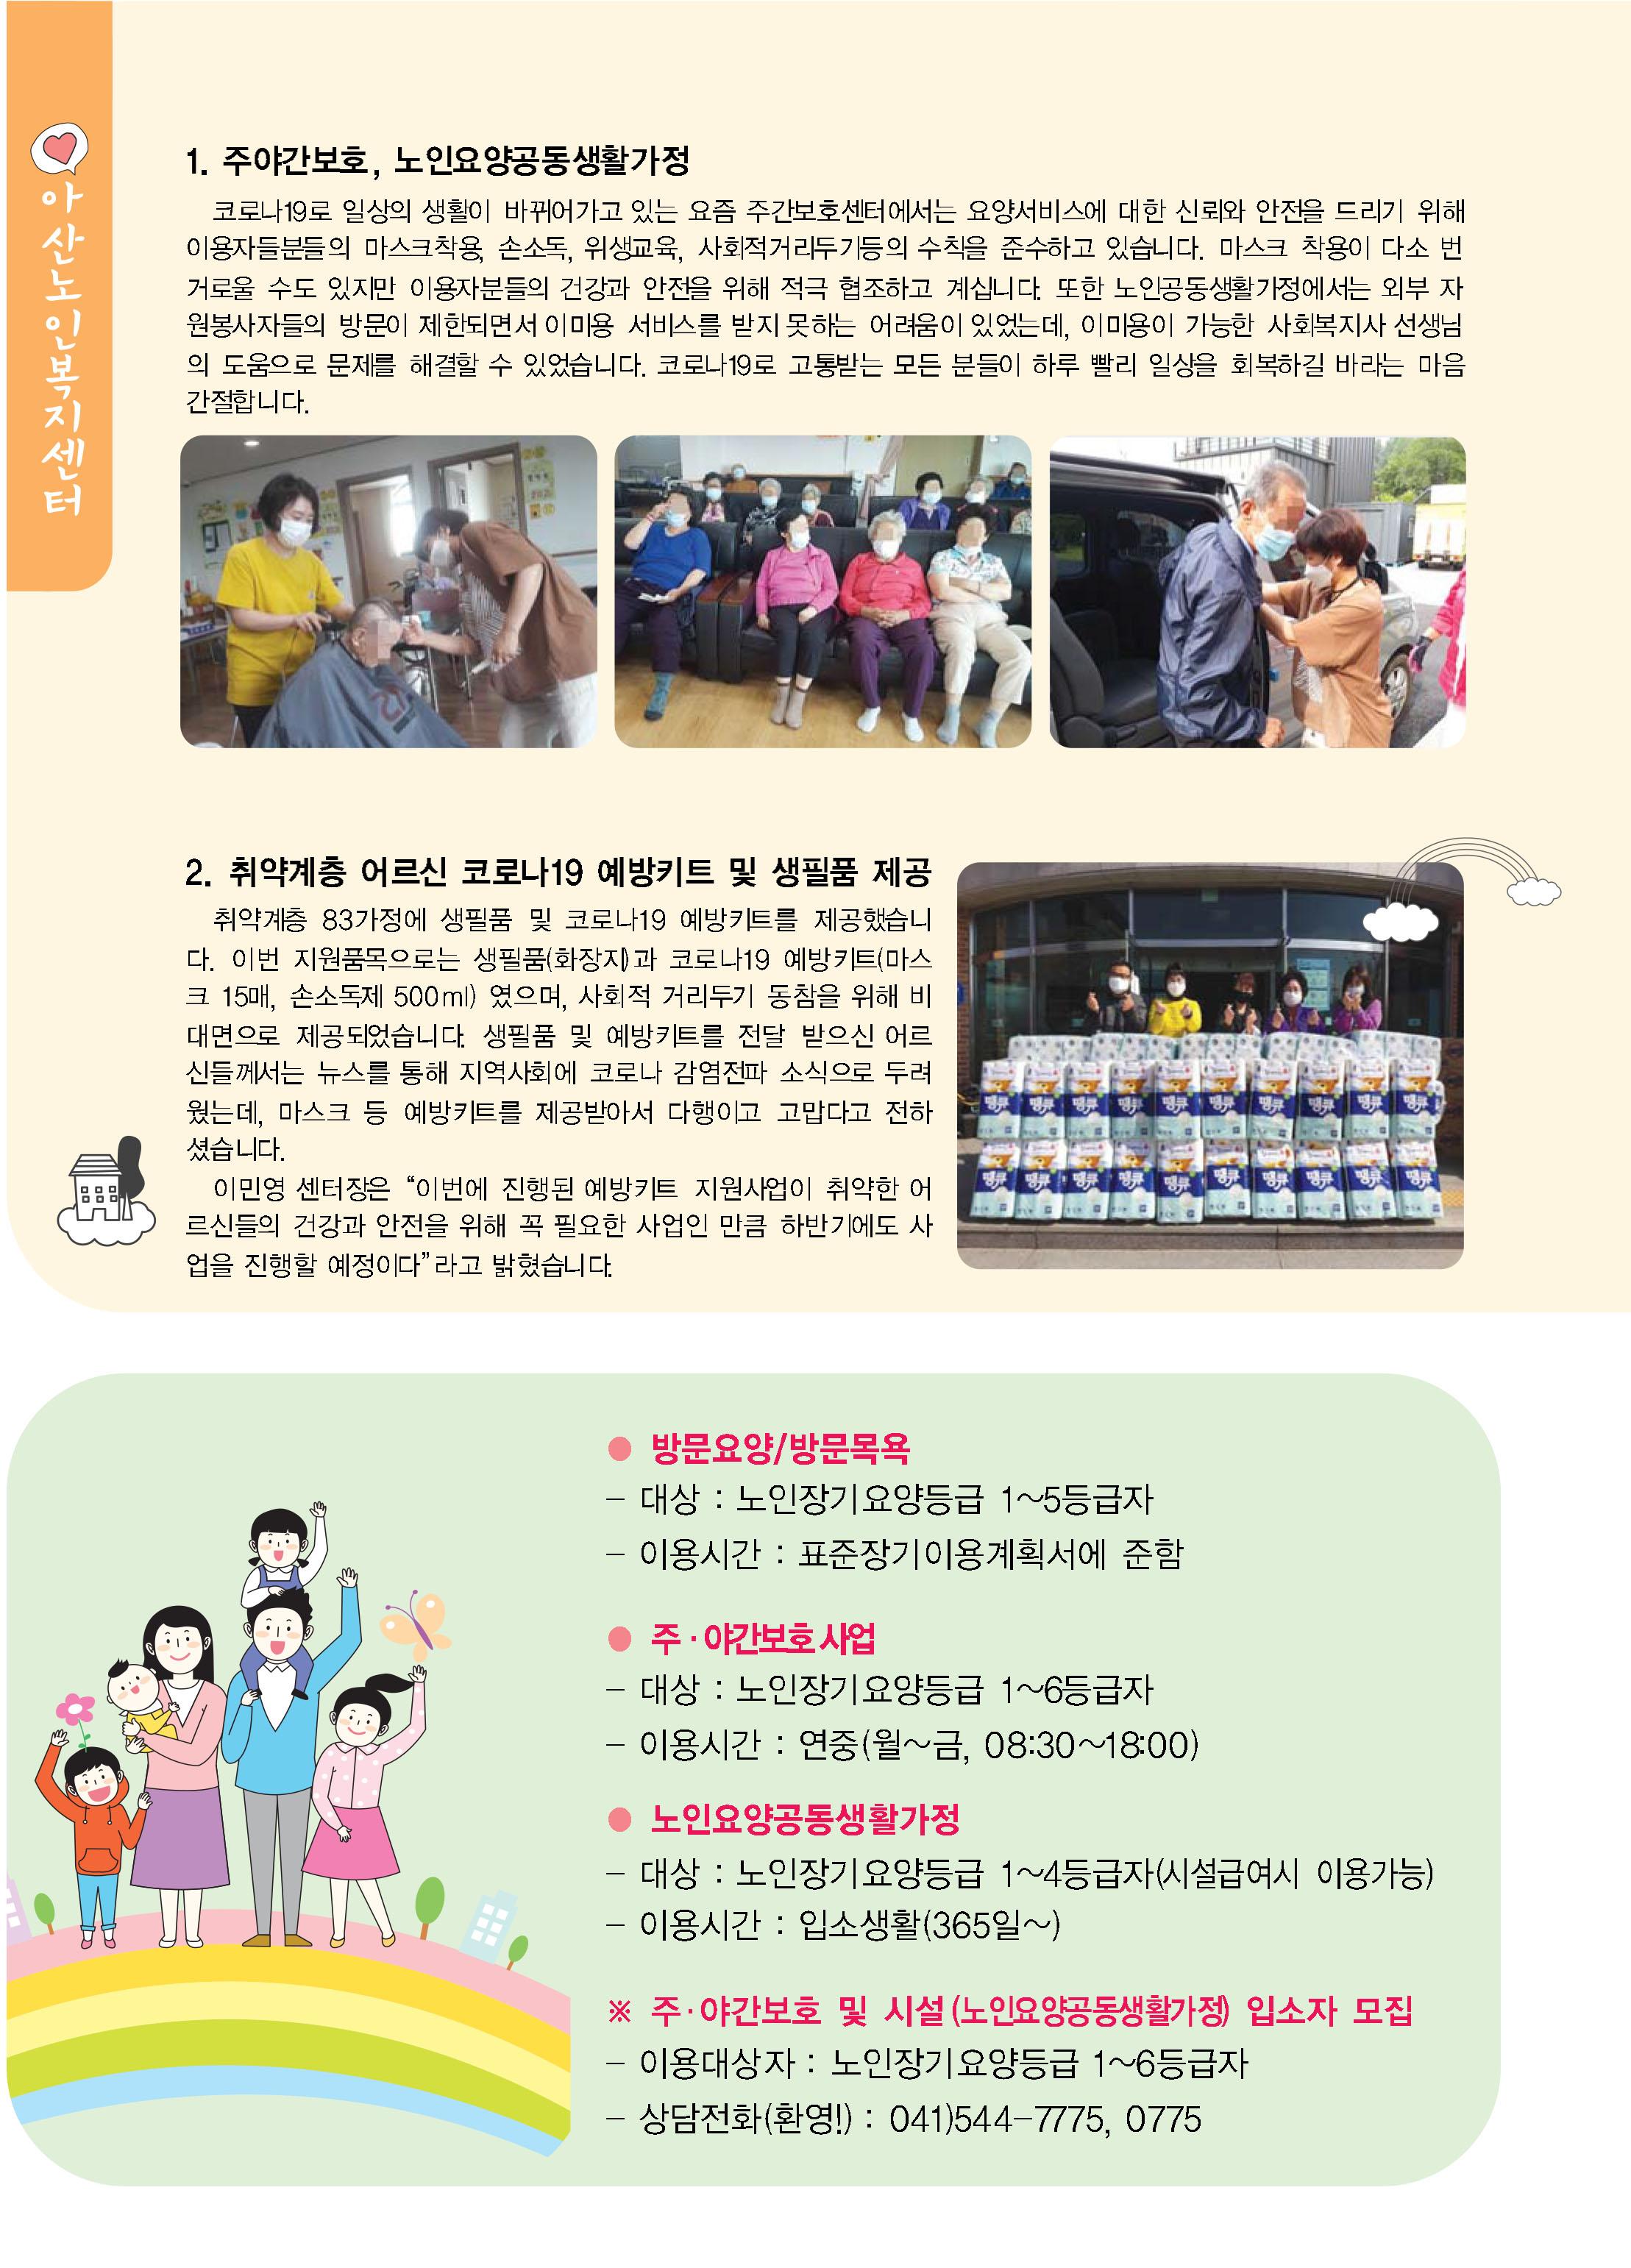 옹달샘-38호최종-5.jpg